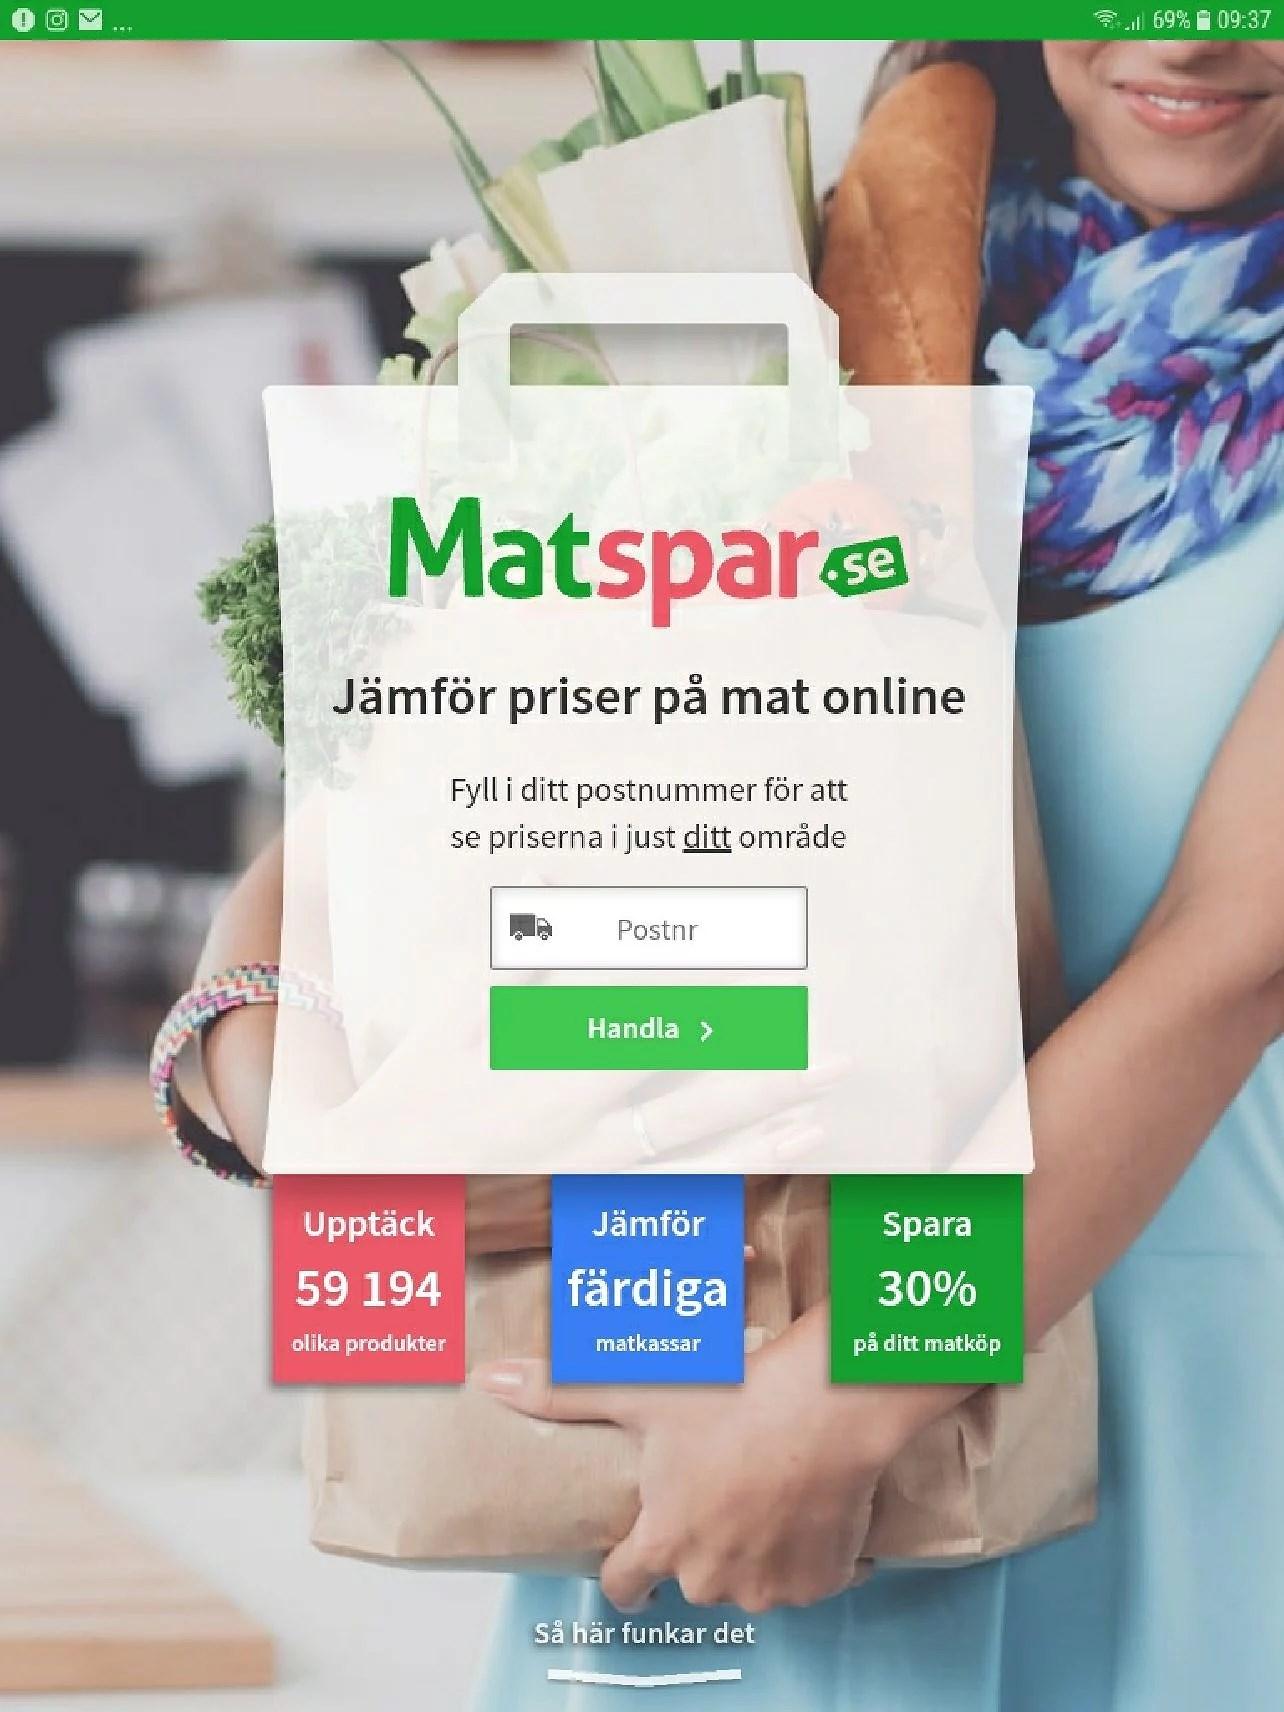 Matspar.se hjälper oss att spara mycket pengar när vi handlar på matbutiker online